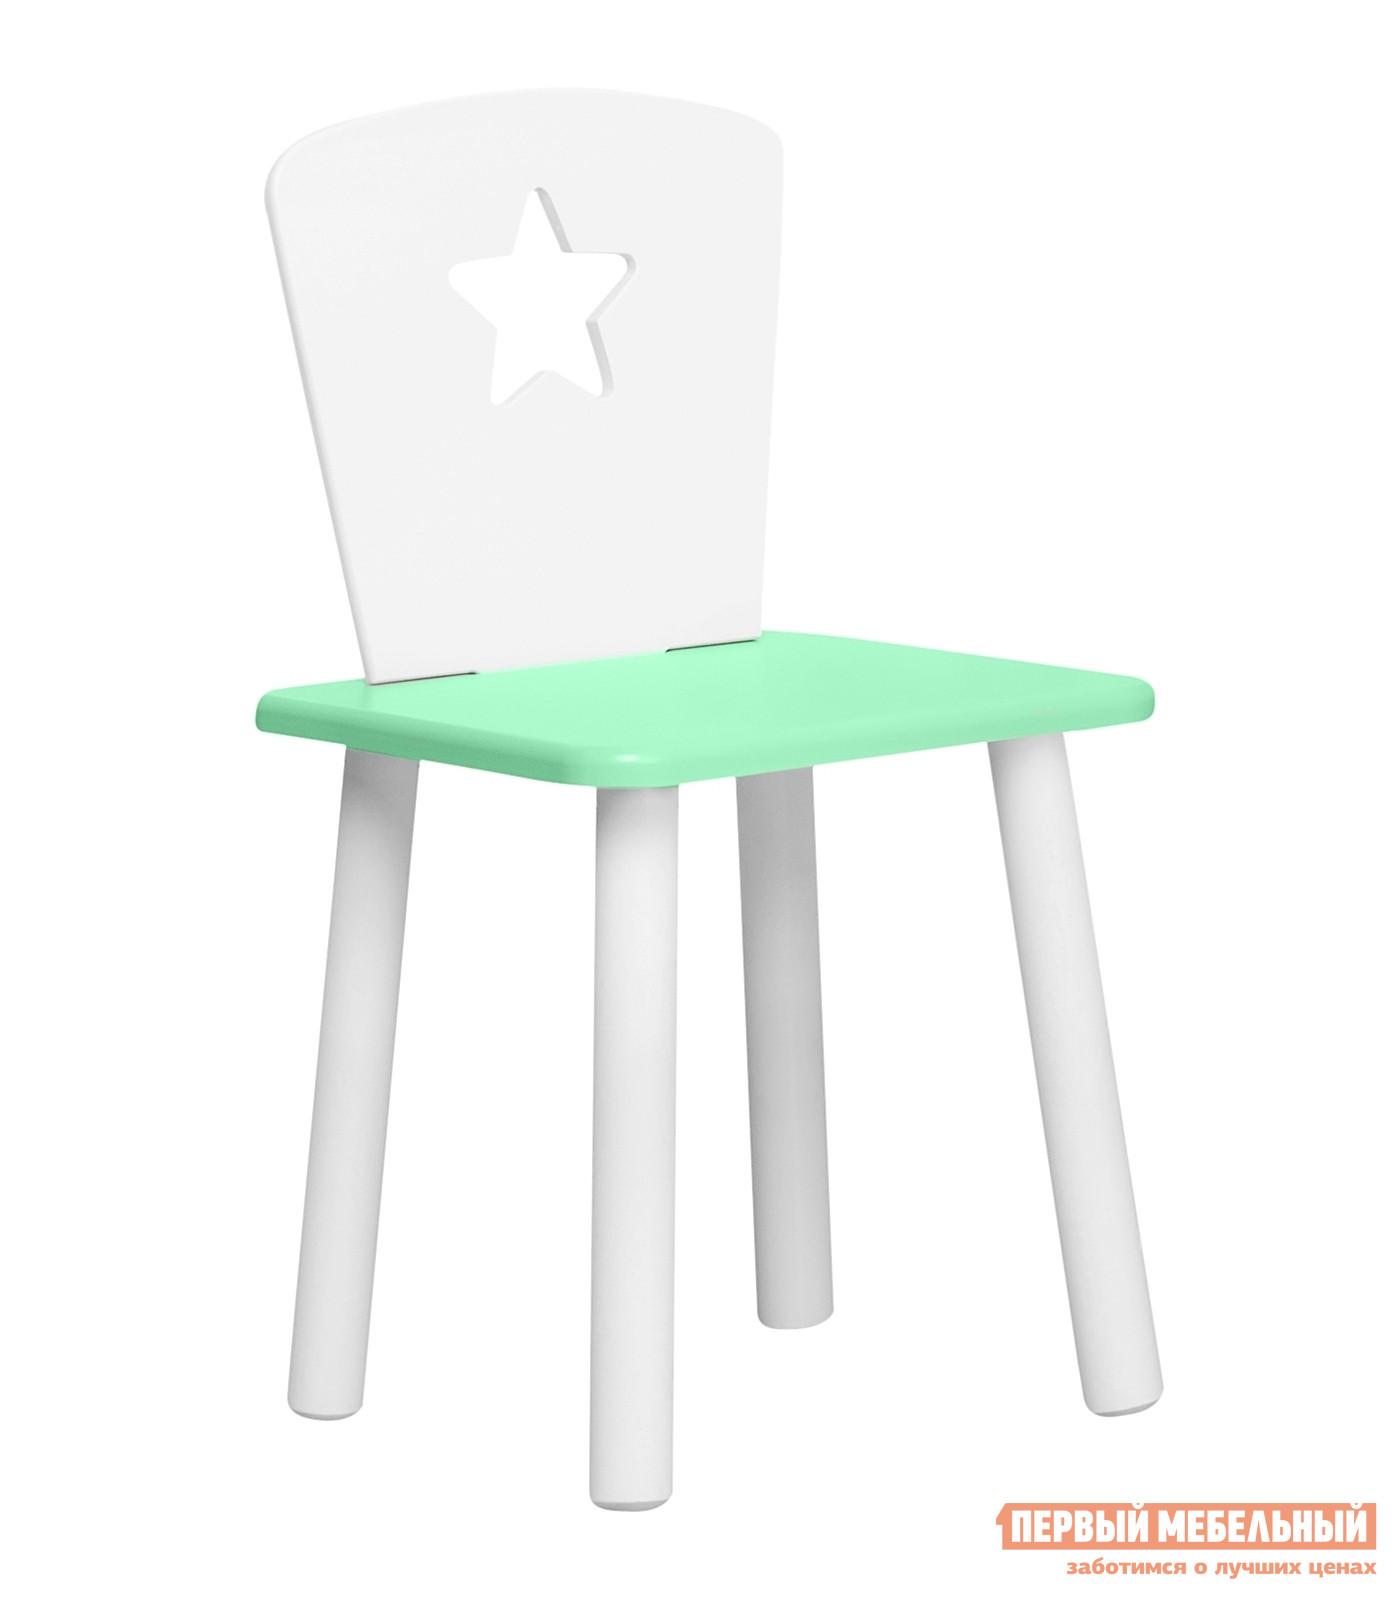 Столик и стульчик  Детский Стул Eco Star Нежно-зеленый